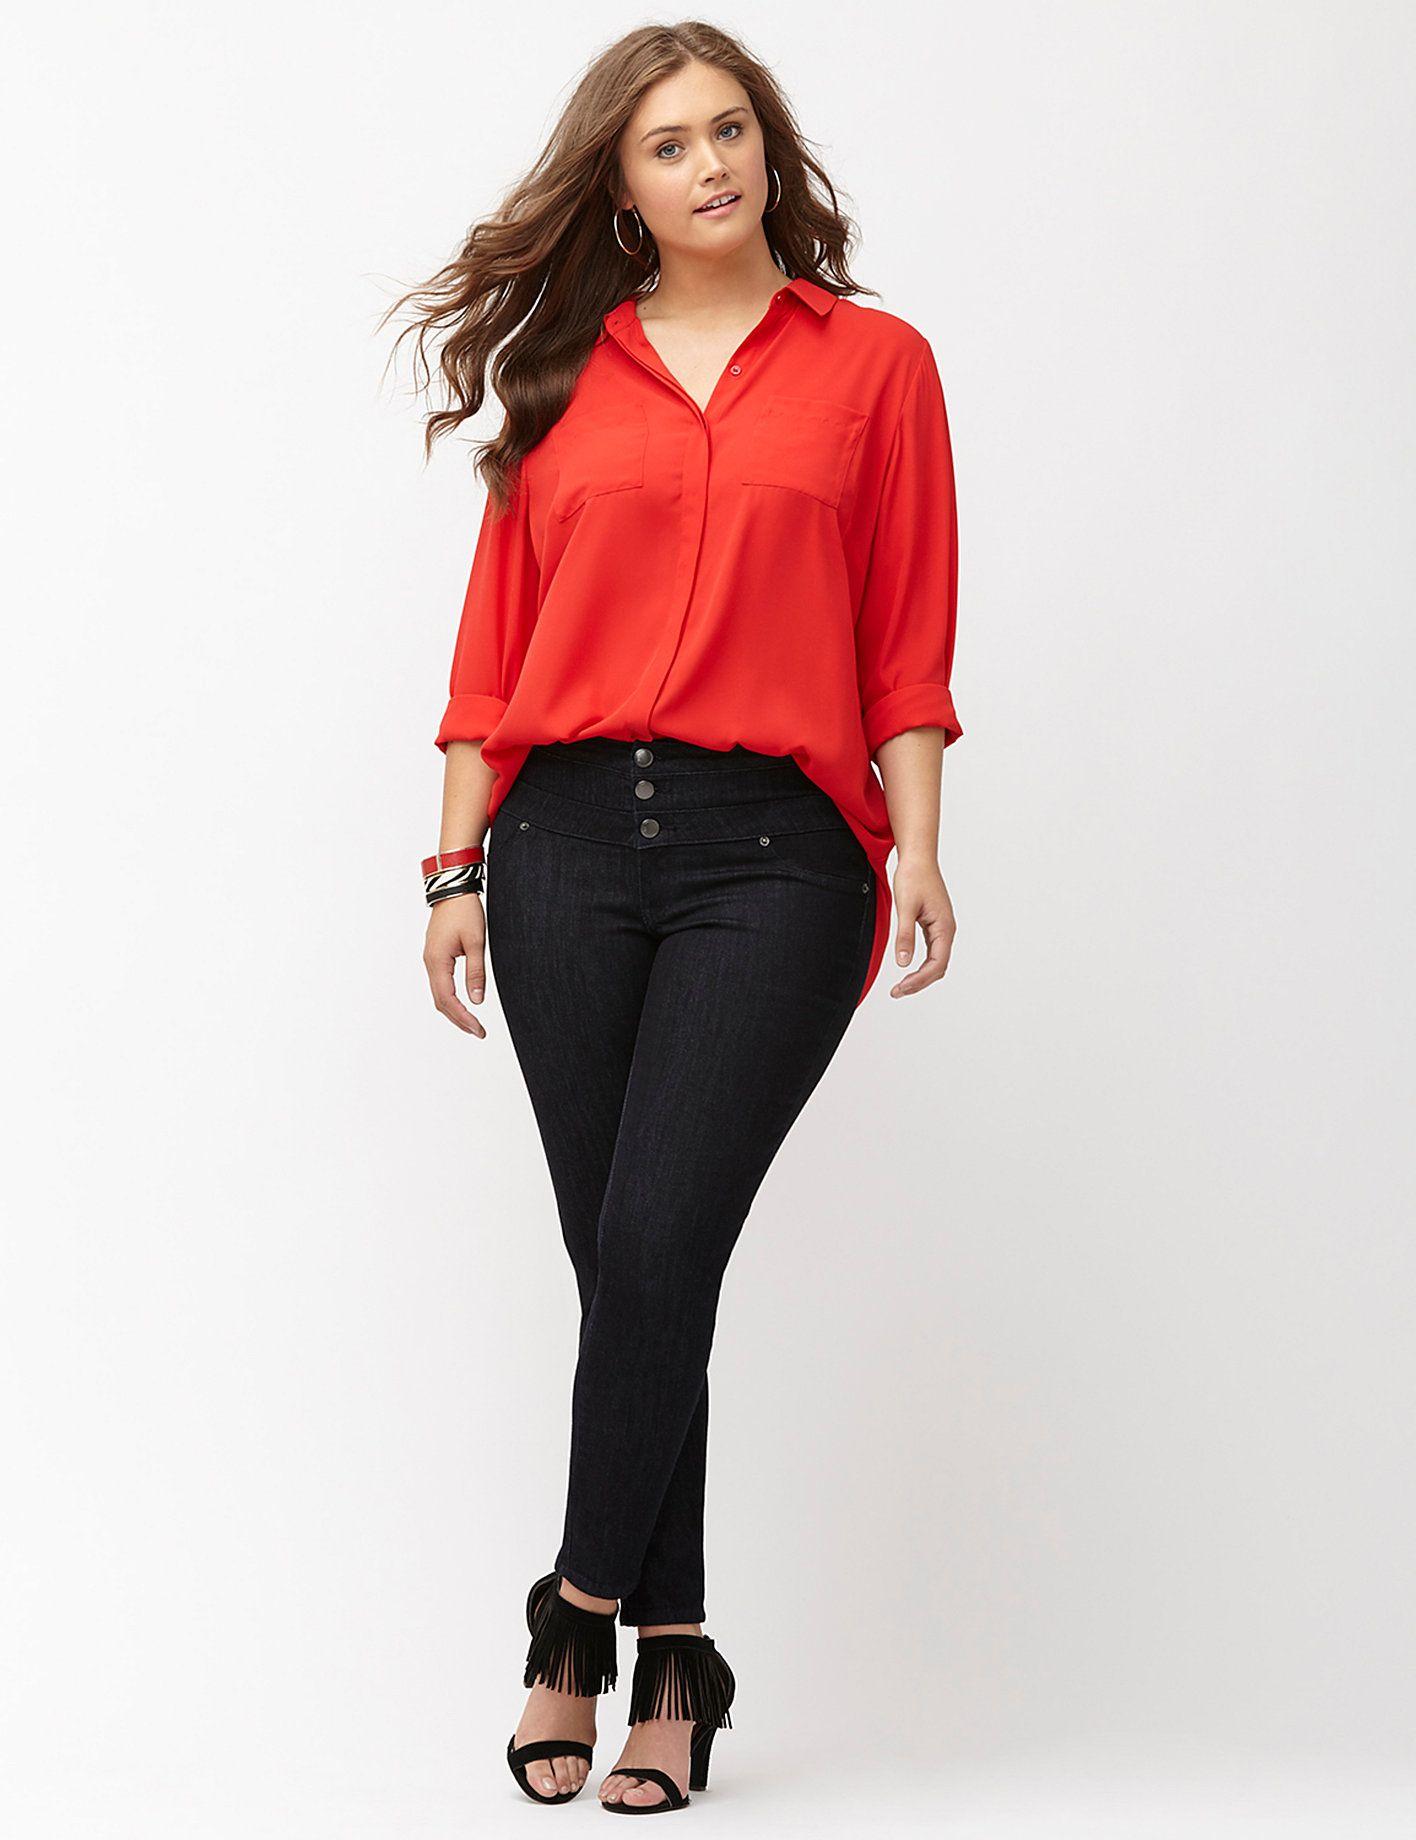 166db964545 Plus Size Pant Suits   Suit Separates for Women